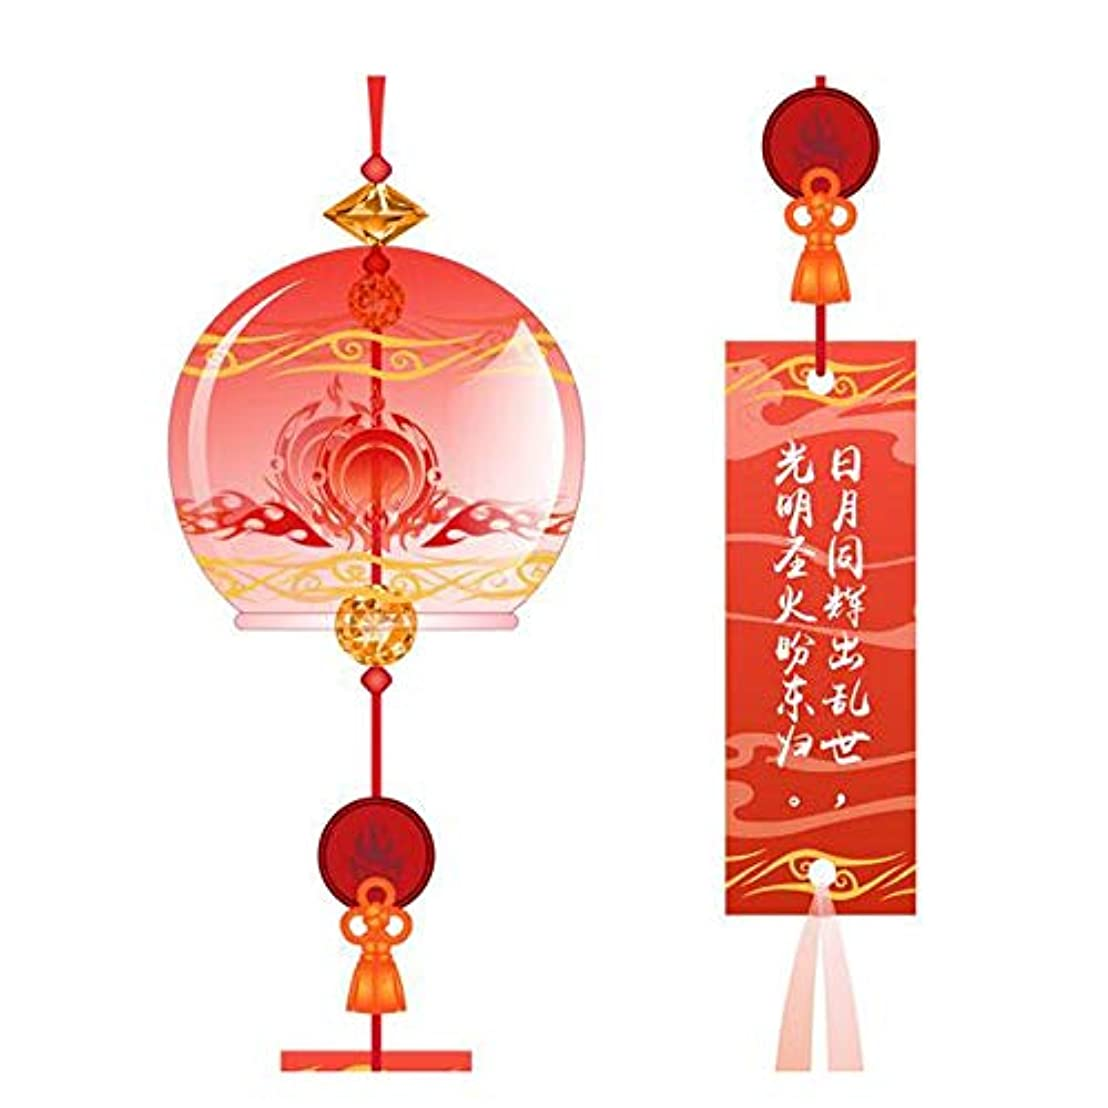 好きである締め切りデッキJingfengtongxun 風チャイム、クリスタルクリアガラスの風チャイム、グリーン、全身について31センチメートル,スタイリッシュなホリデーギフト (Color : Red-B)